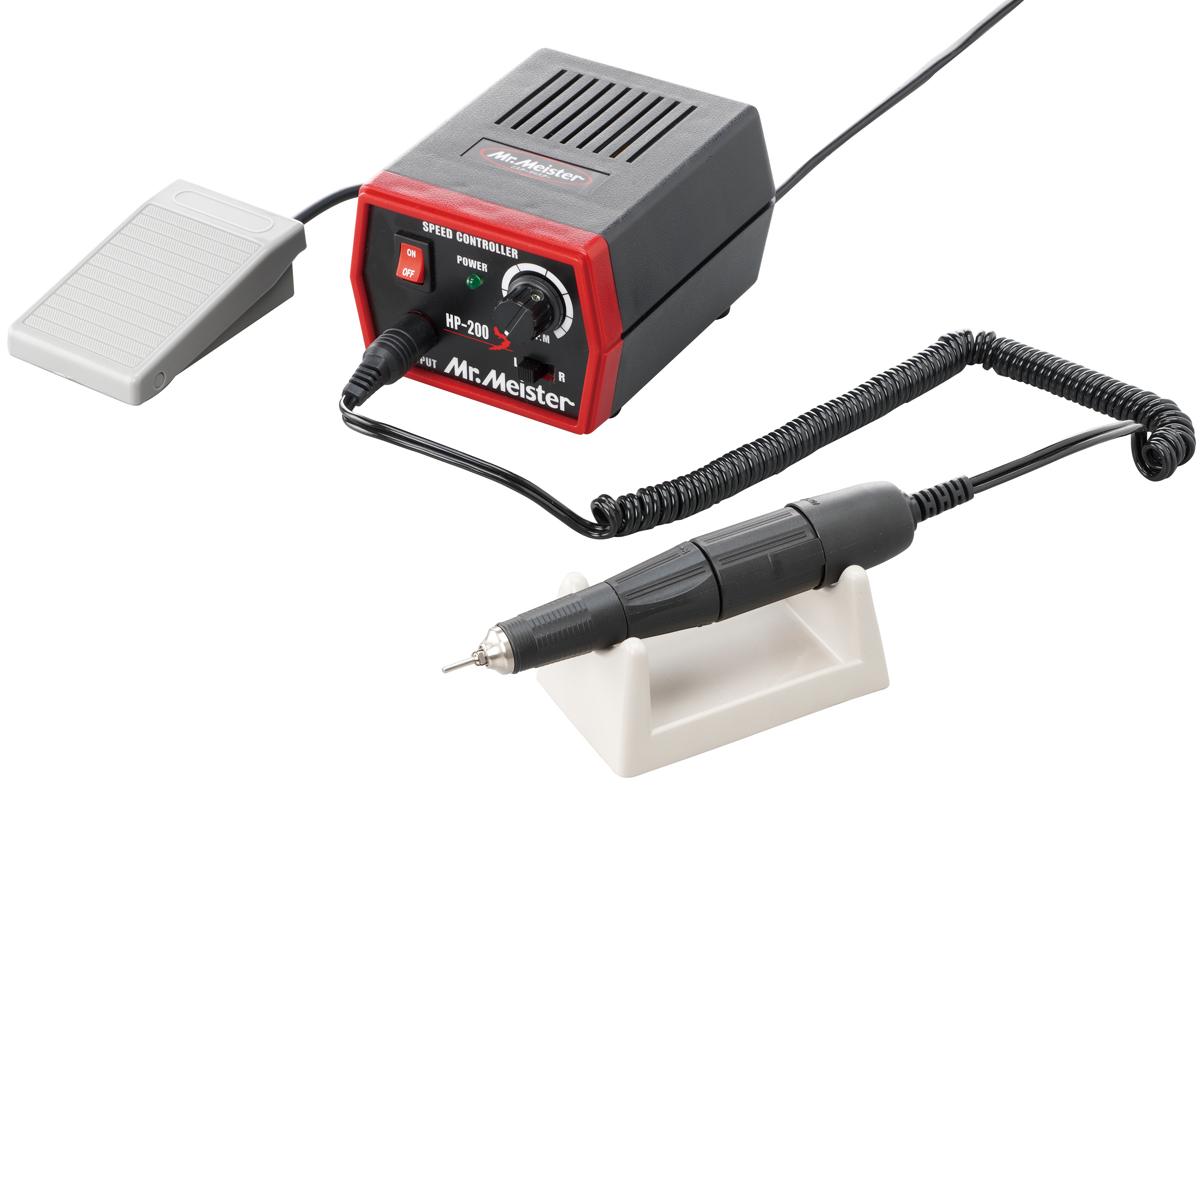 精密 ハンドピースグラインダー HP-200S型 【 木工 DIY 工作用具 木彫 彫刻 電動 電動工具 】